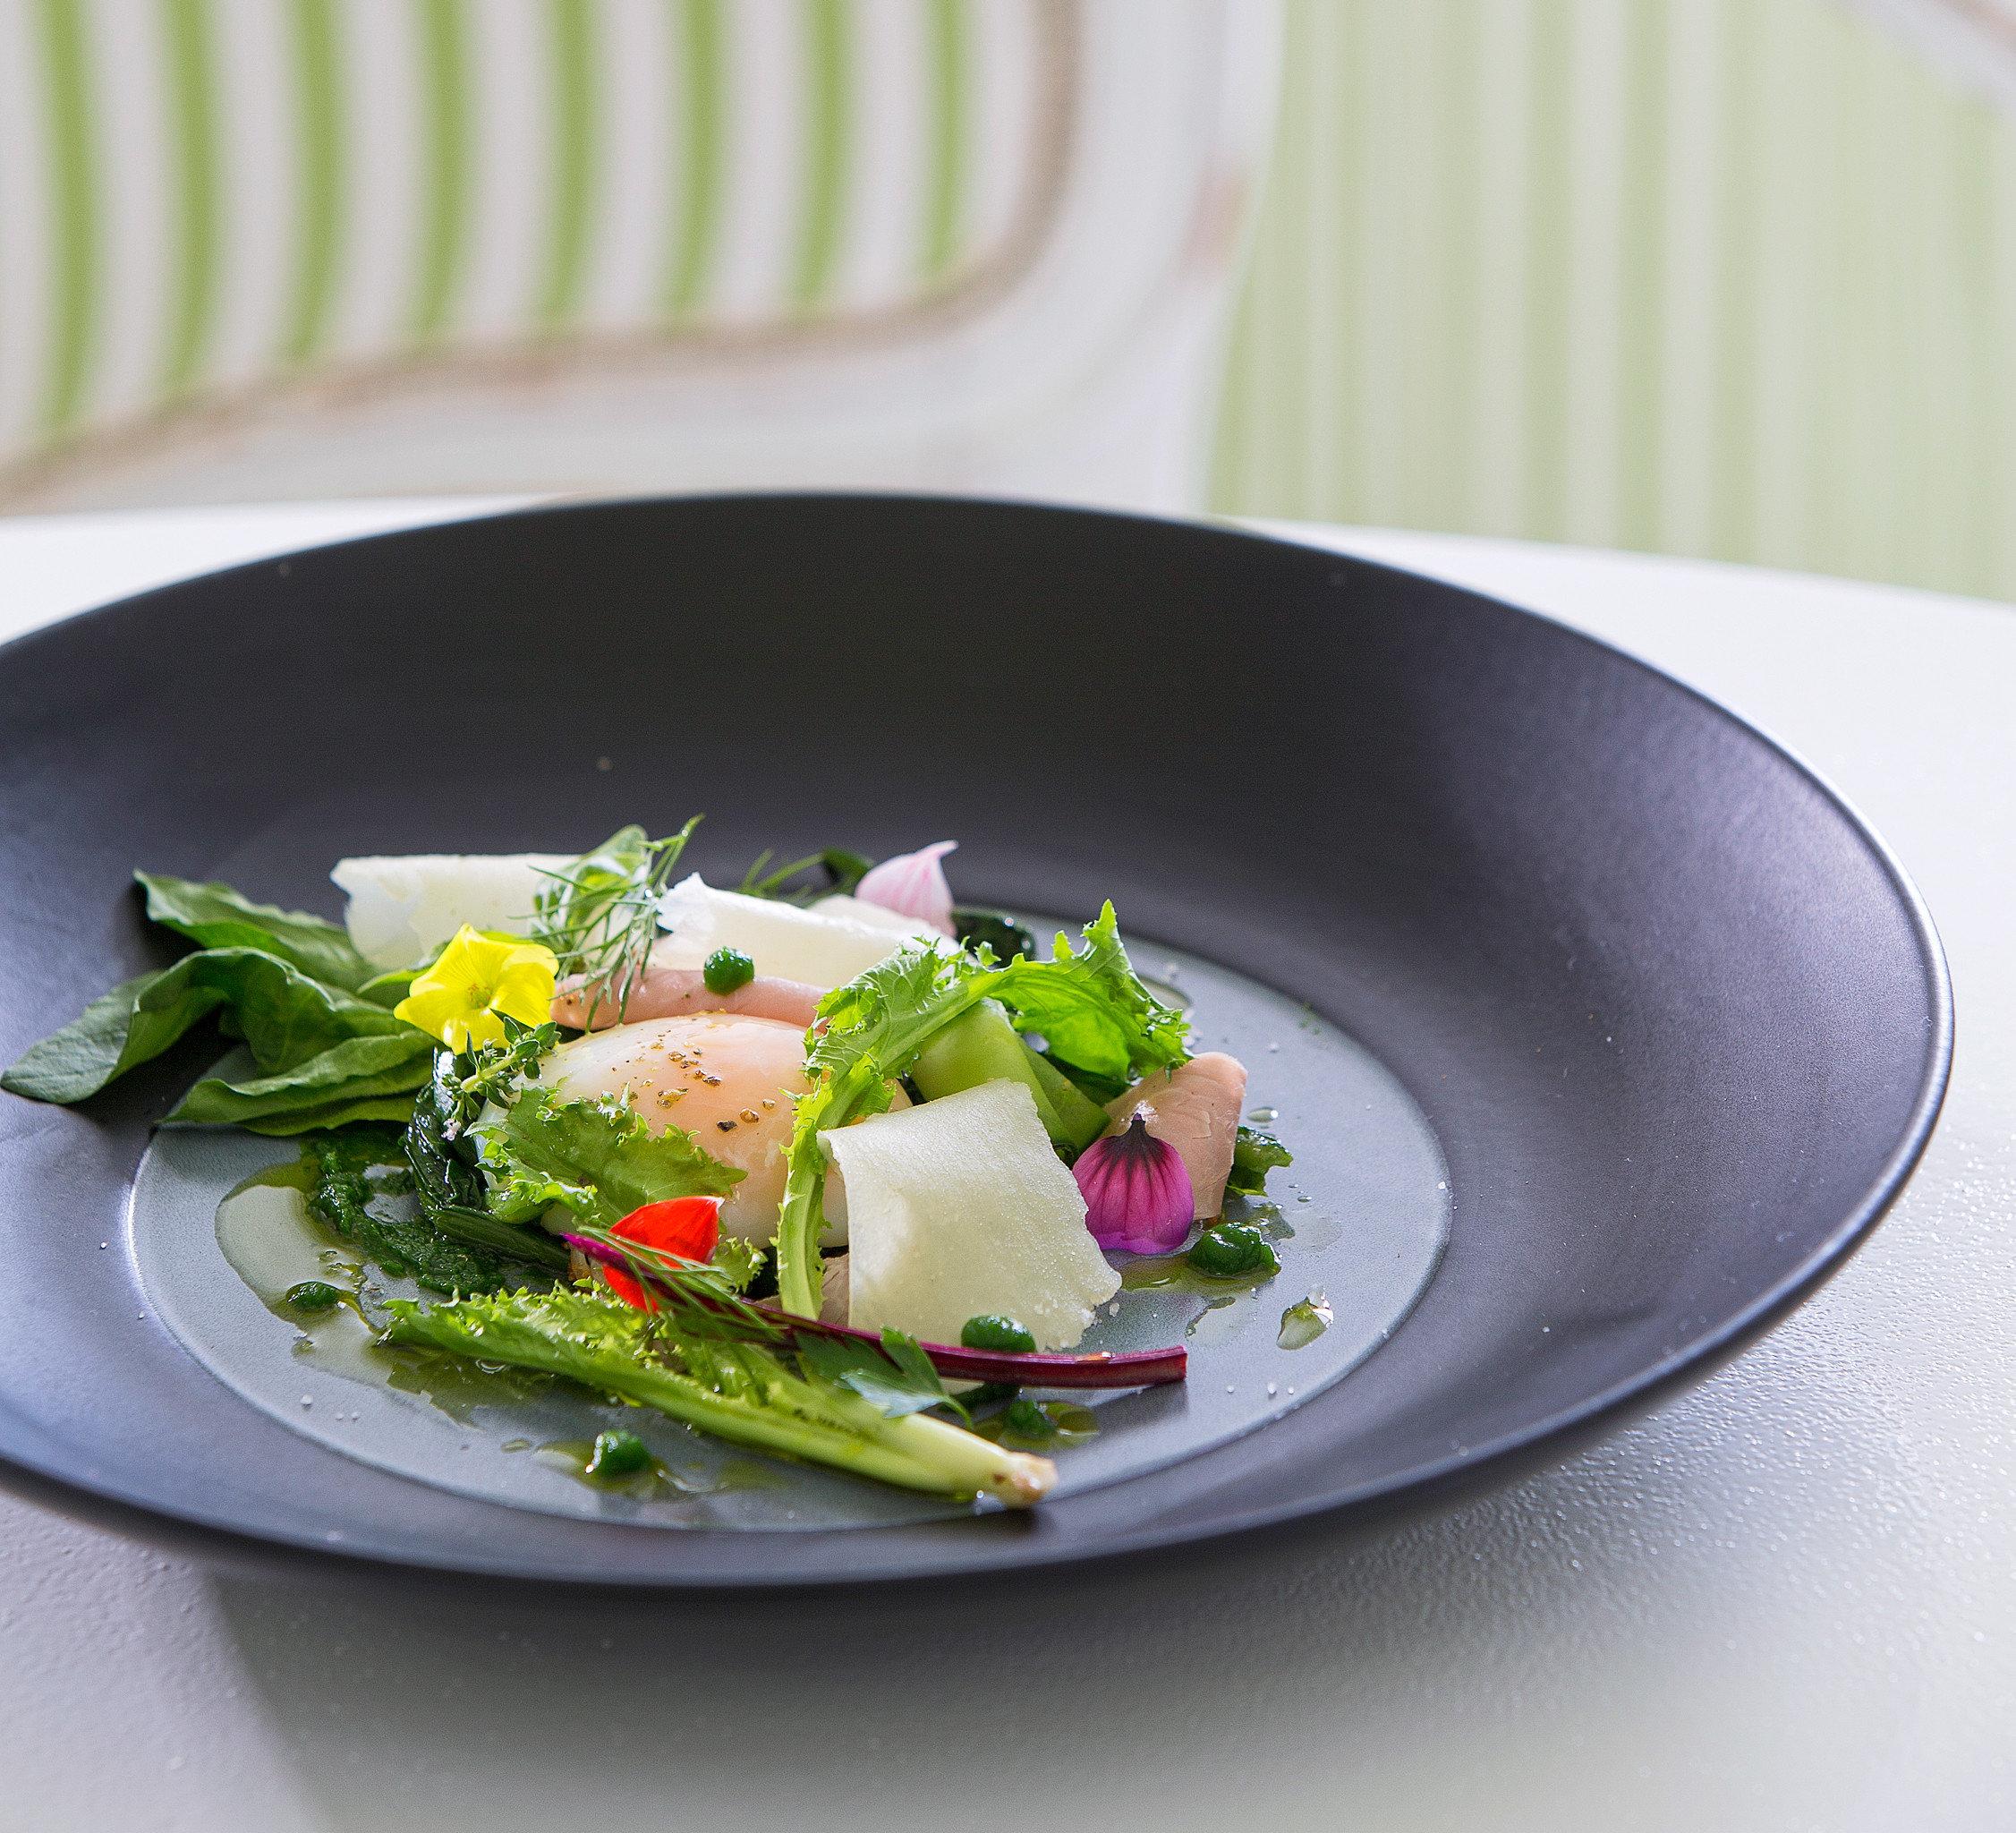 Cultural Dining Drink Eat Elegant plate food salad vegetable black flowering plant